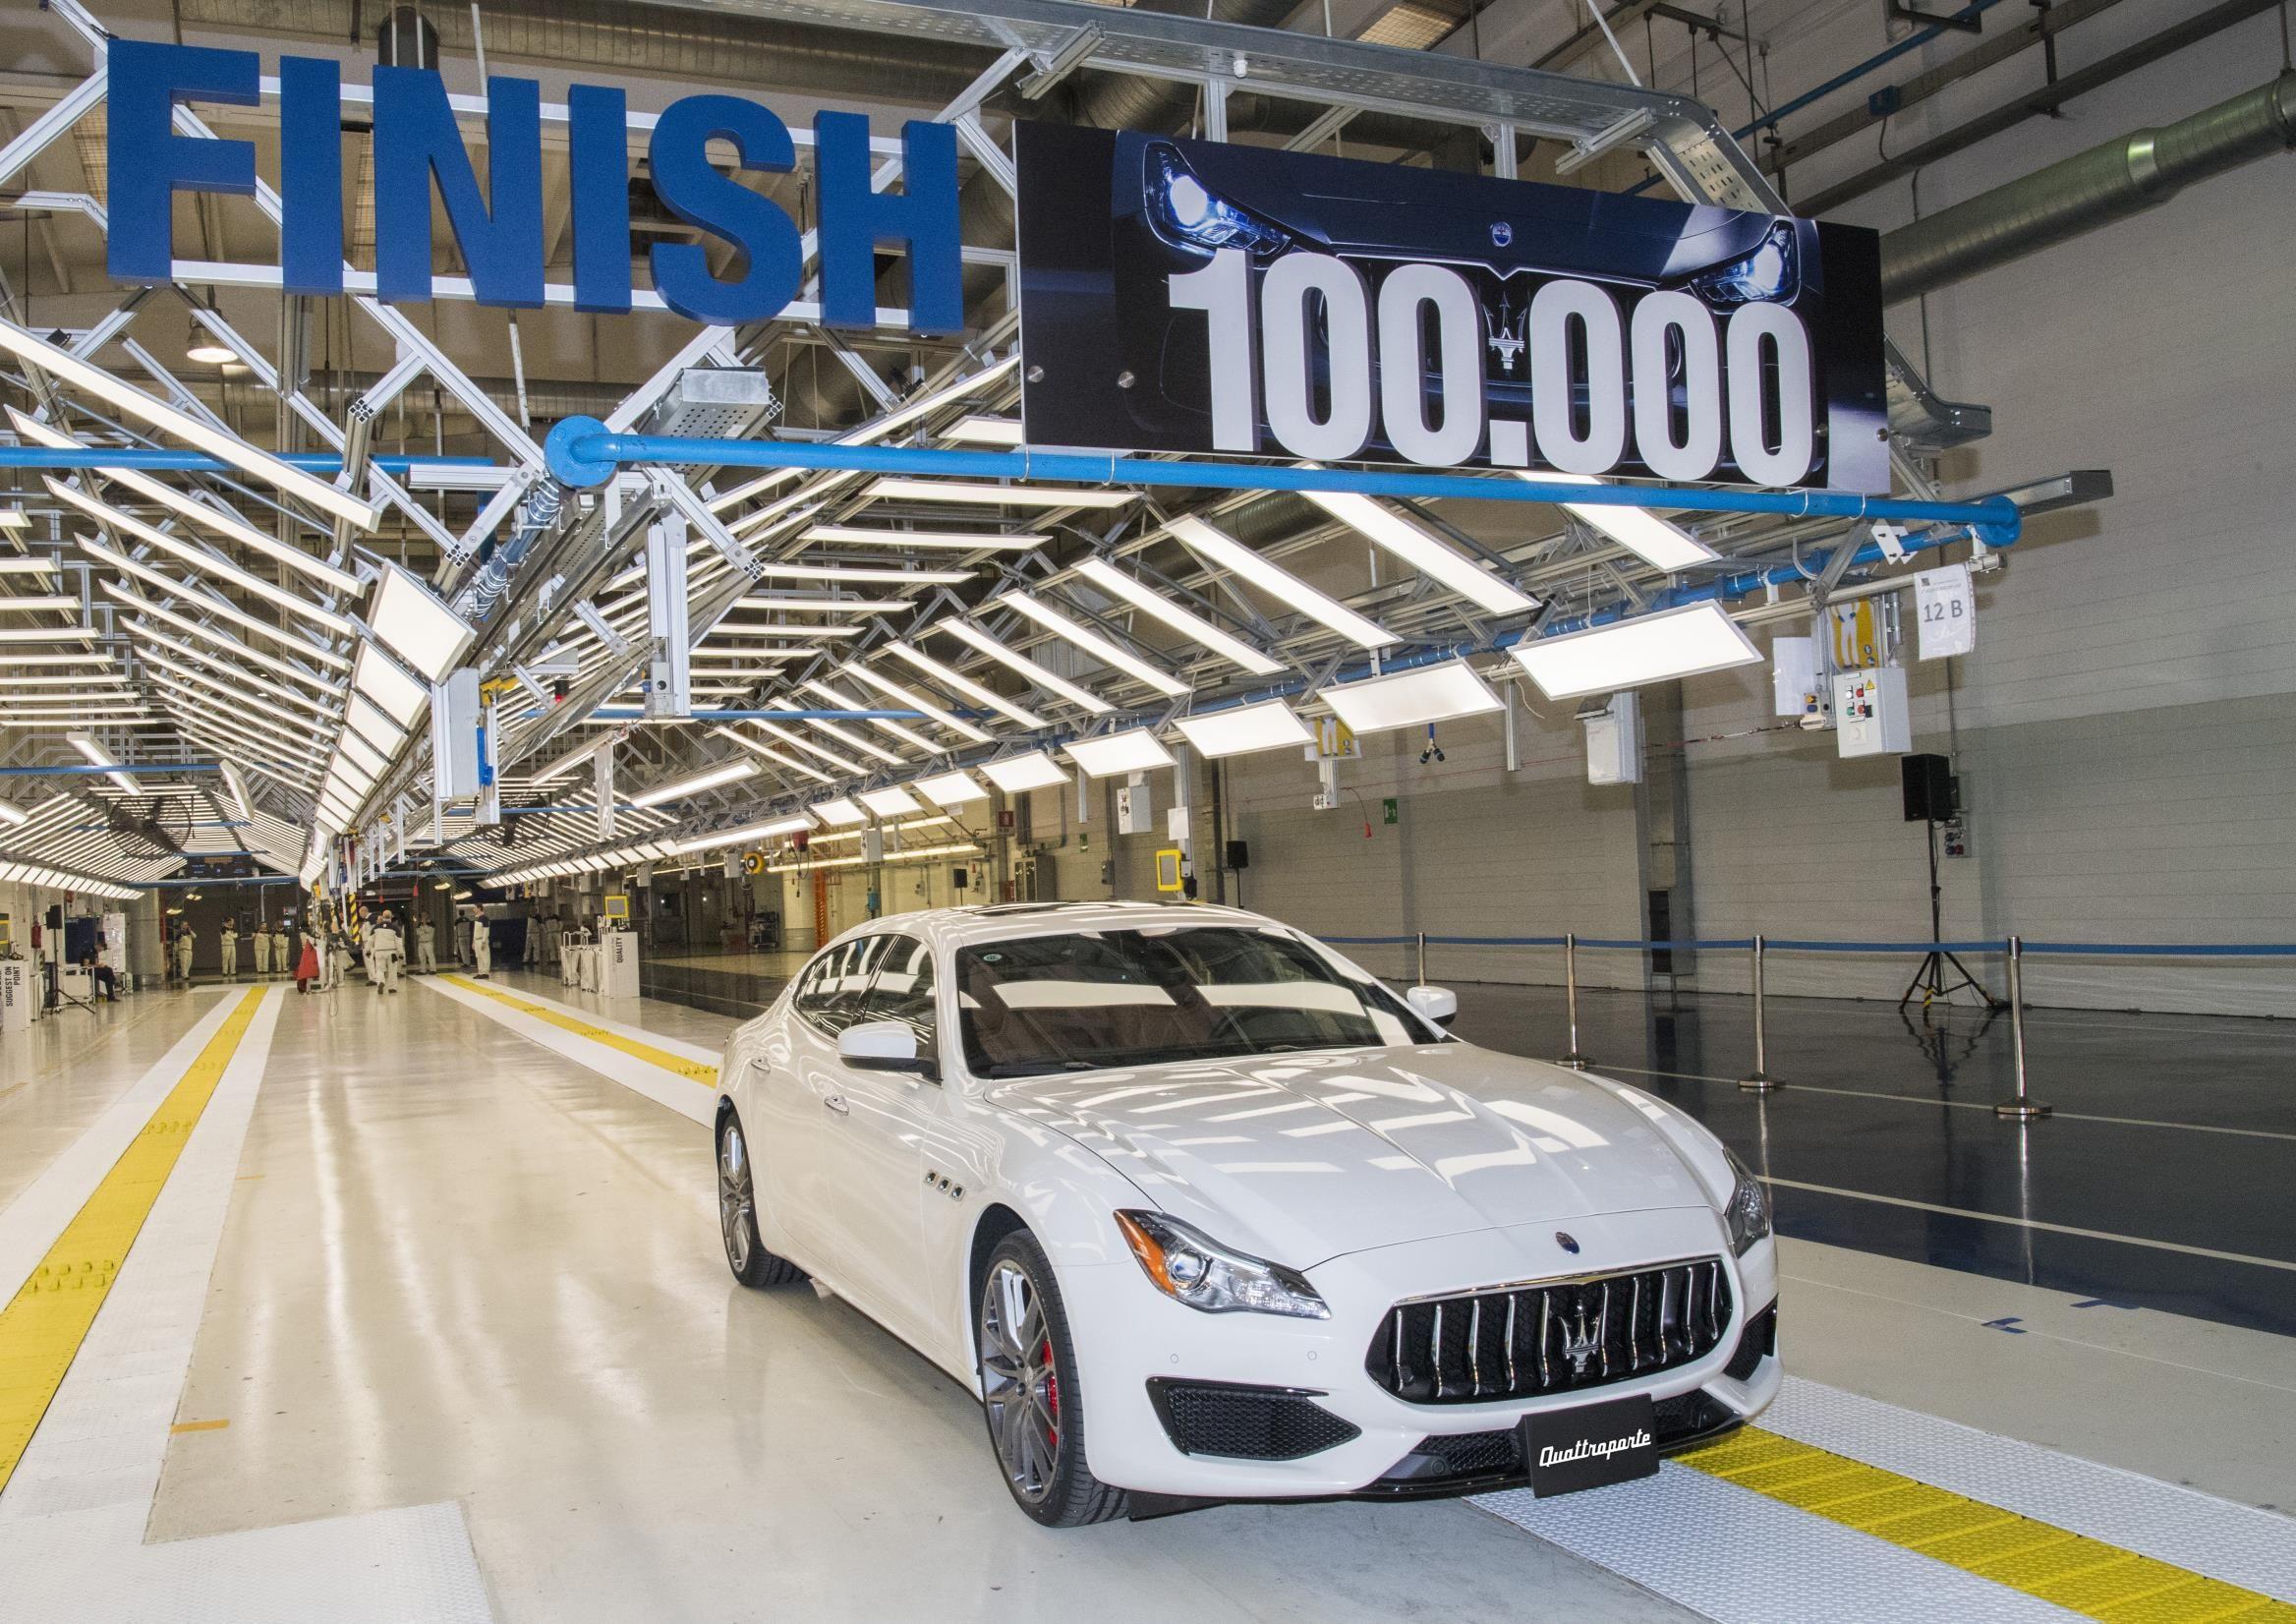 El Quattroporte Que Probamos Es Un Rara Avis Dentro De Nuestro Mercado Hoy En Día Maserati Una Marca Lujo Con Palmarés Deportivo Primer